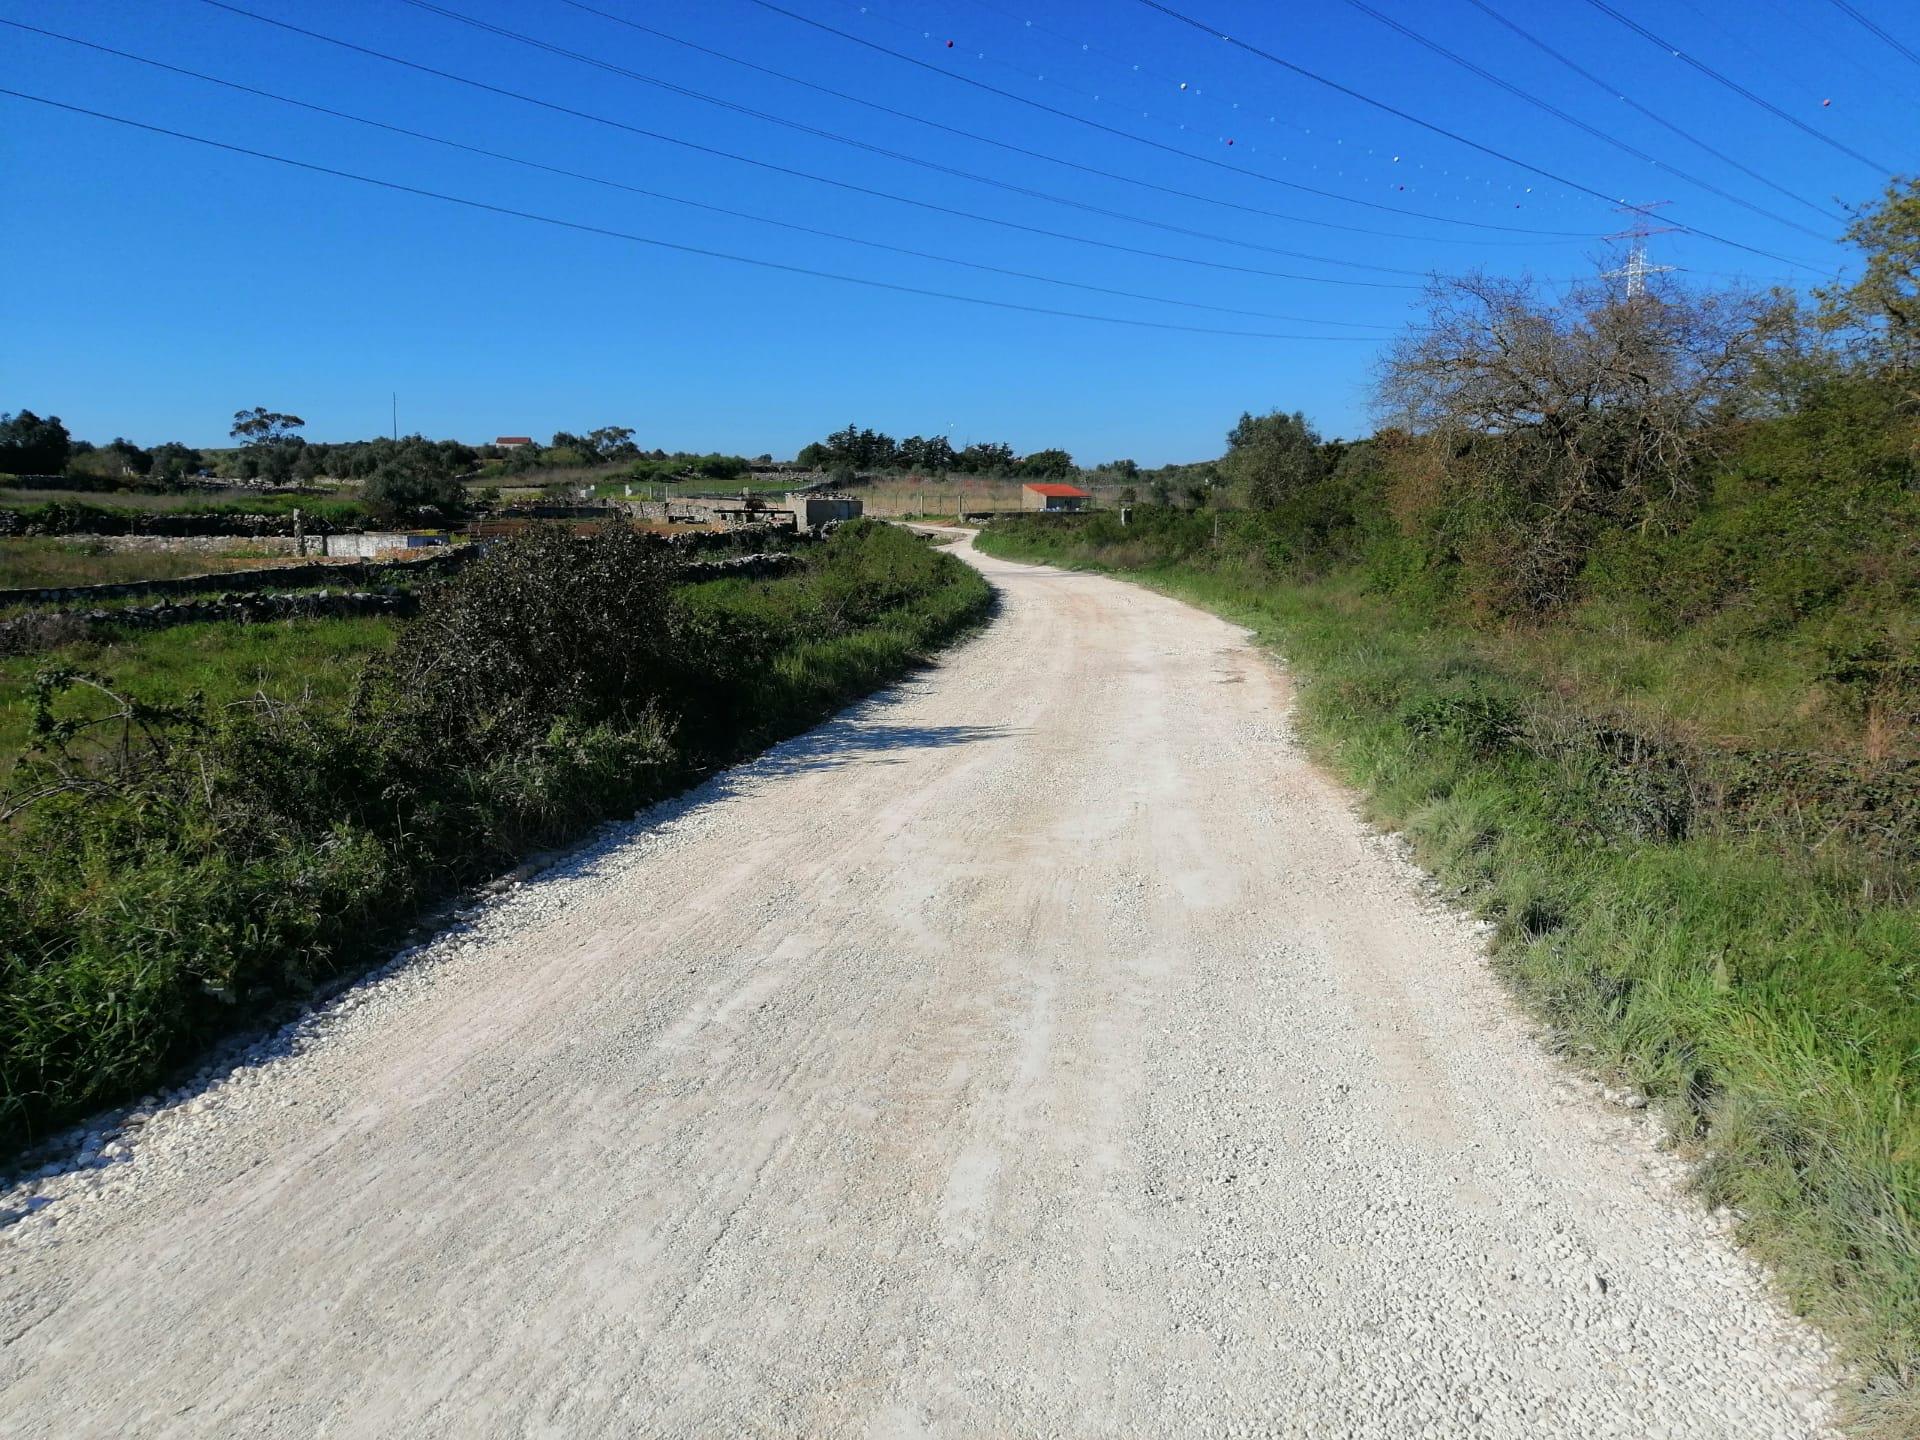 Casaínhos -(c) Estrada dos Barros – Recondicionamento da Estrada com nivelamento e compactação em tout-venant, consolidação de acessos às hortas e ajuste das linhas de água!